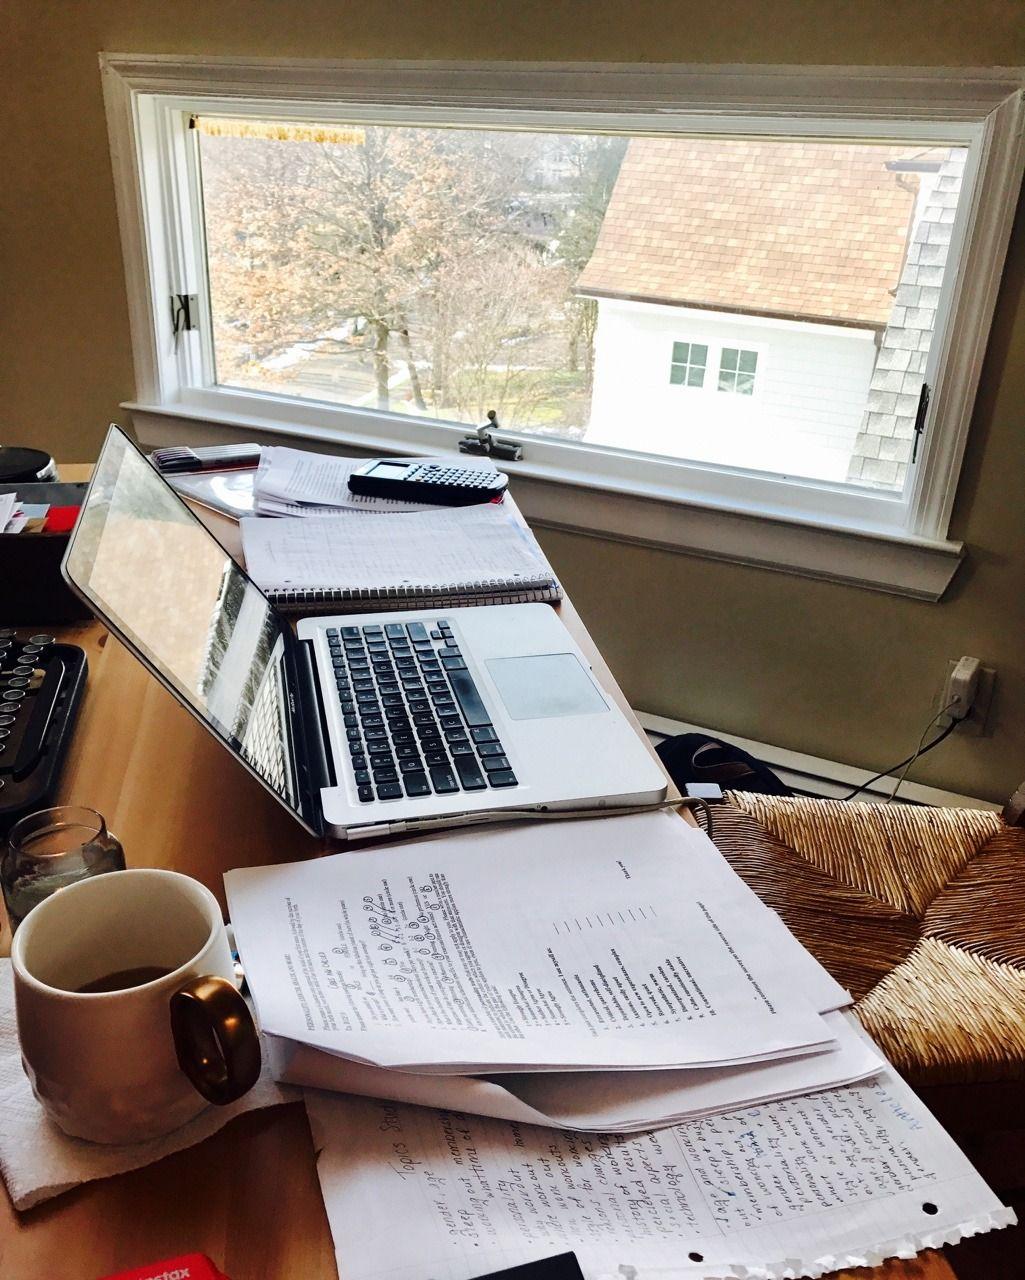 Fearlesswolfstudies: My Desk Has Been Taken Over